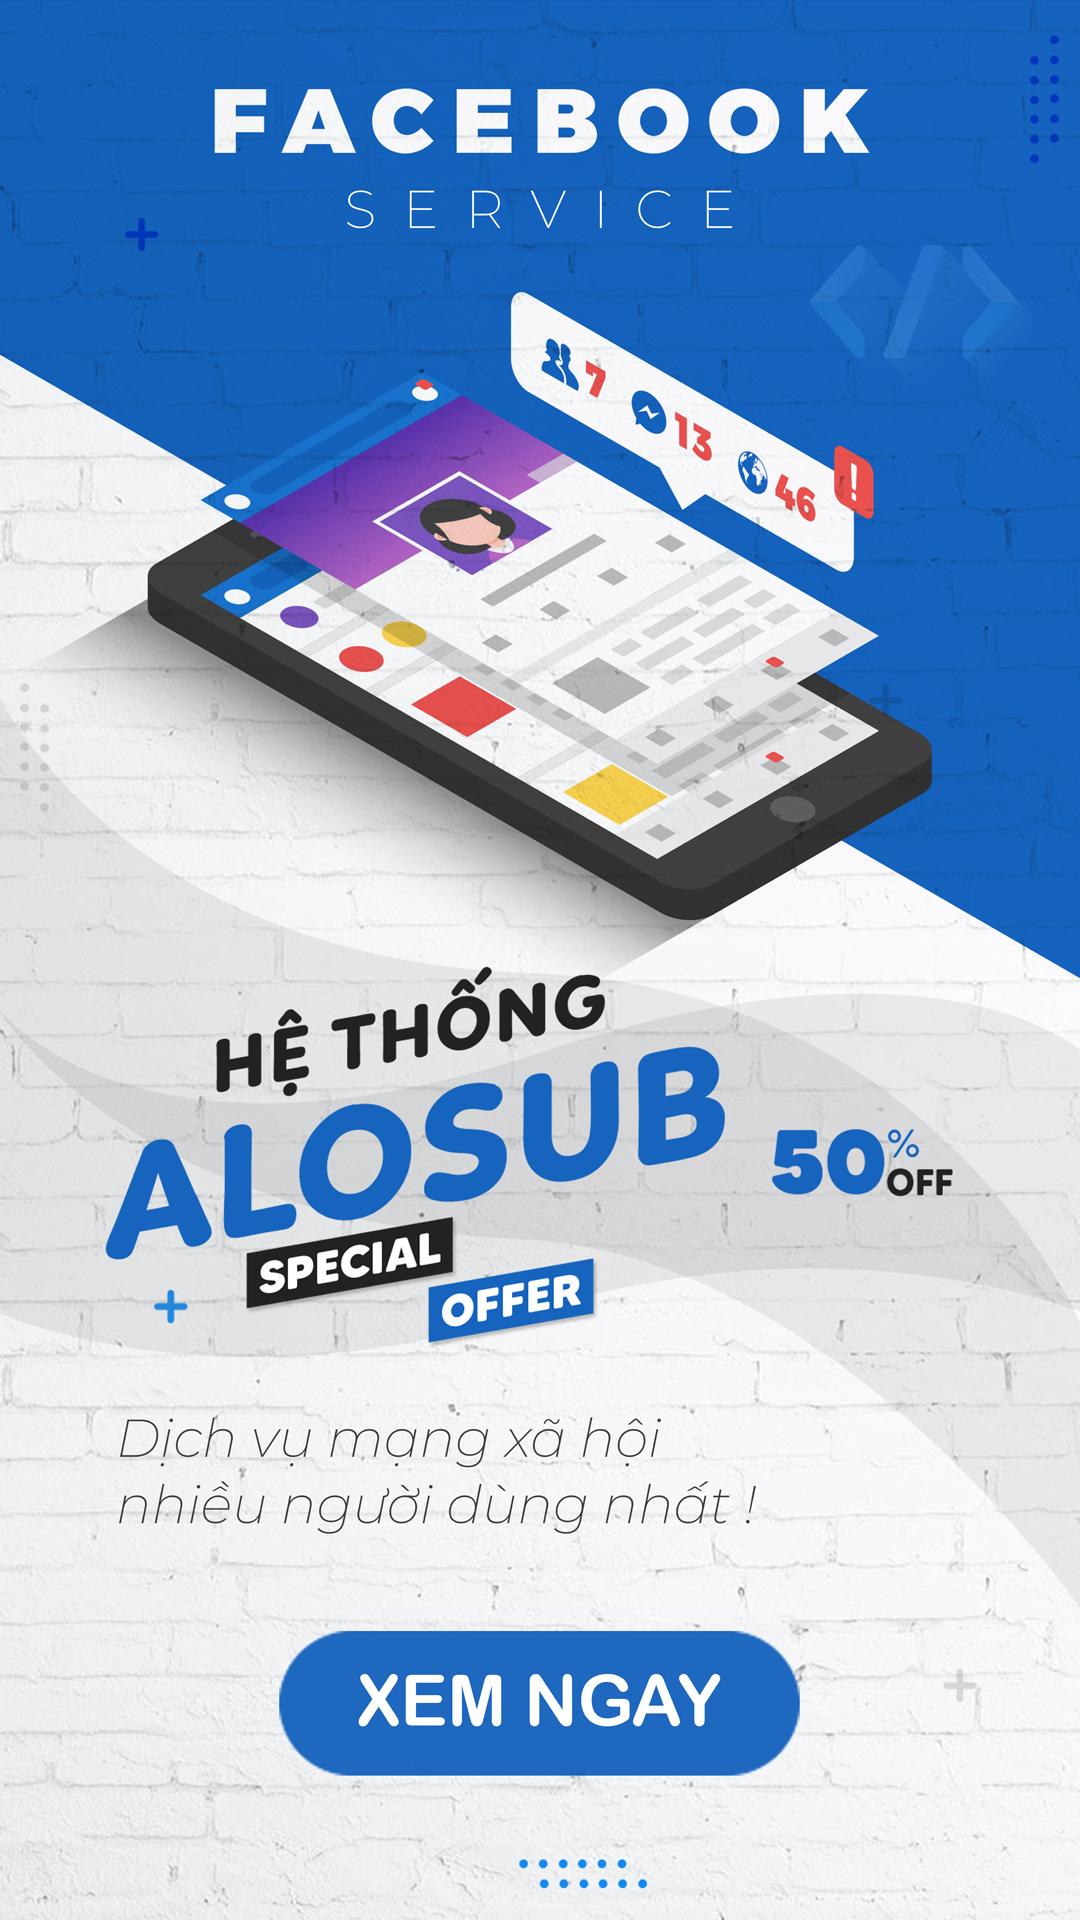 alosub.net - dịch vụ mạng xã hội tốt nhất việt nam